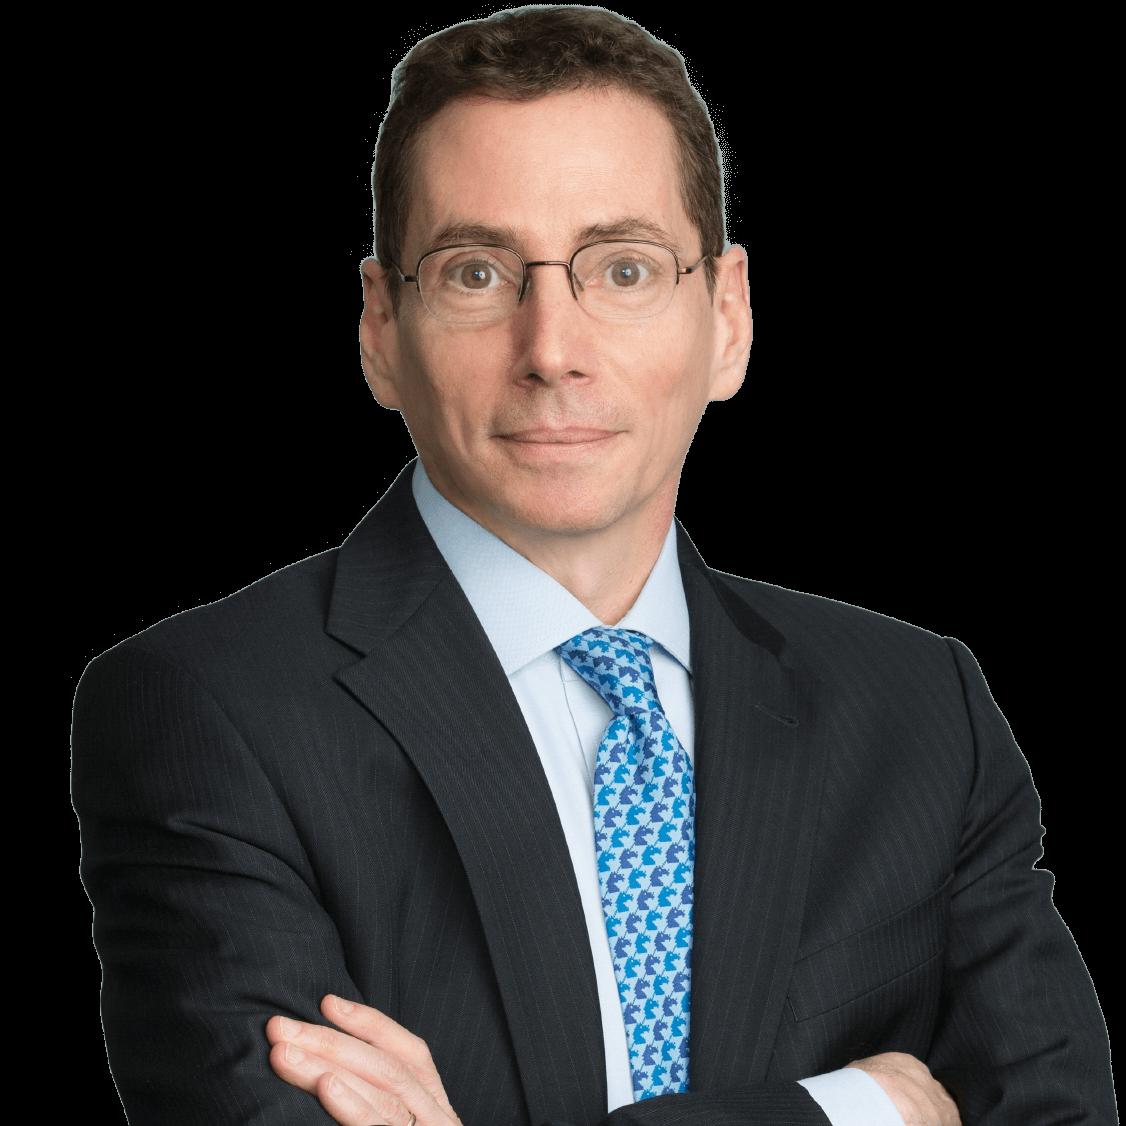 Mark D. Goldstein